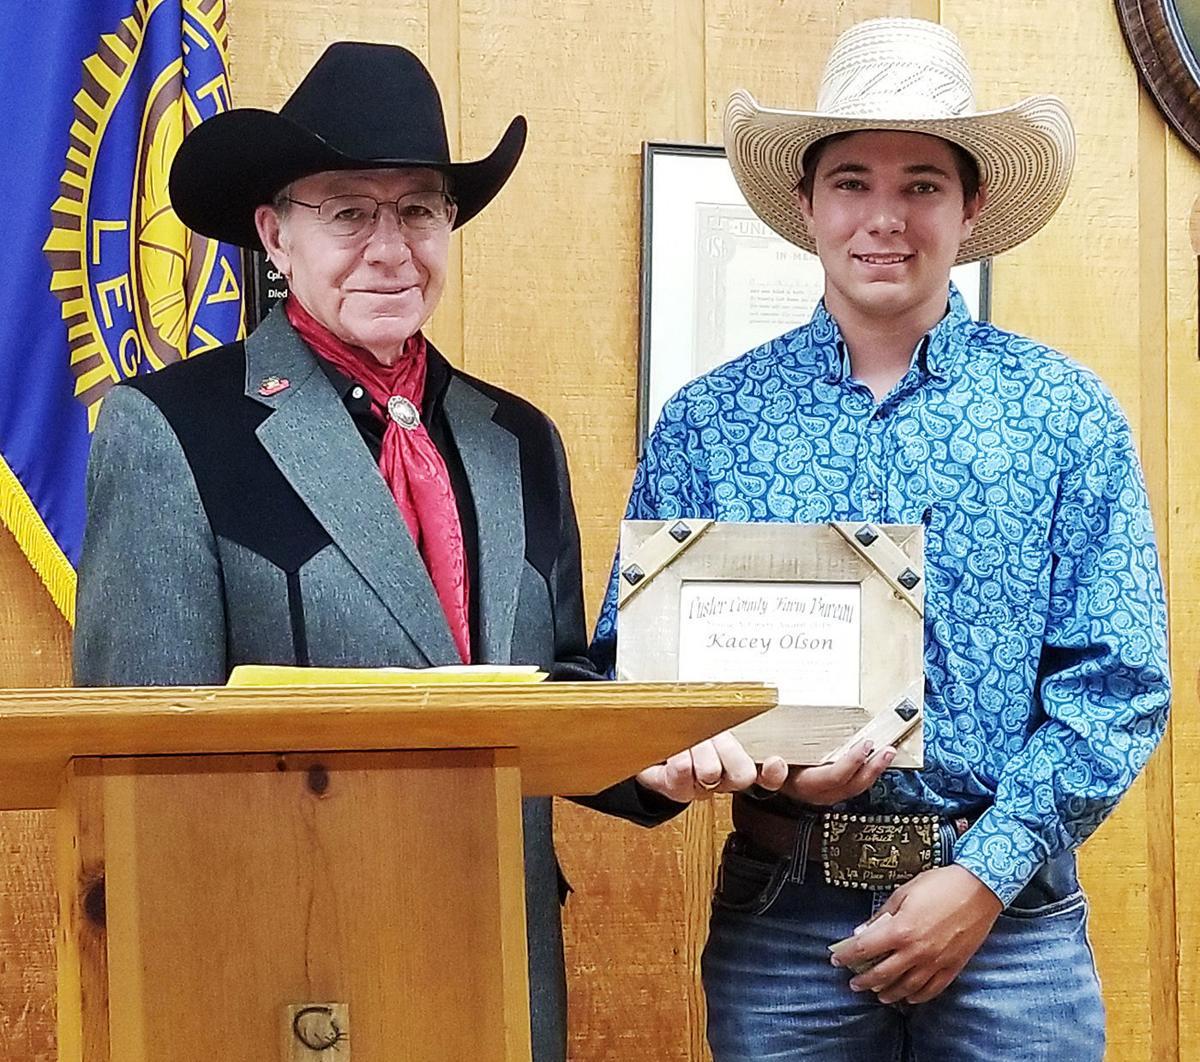 CHS senior honored by Farm Bureau